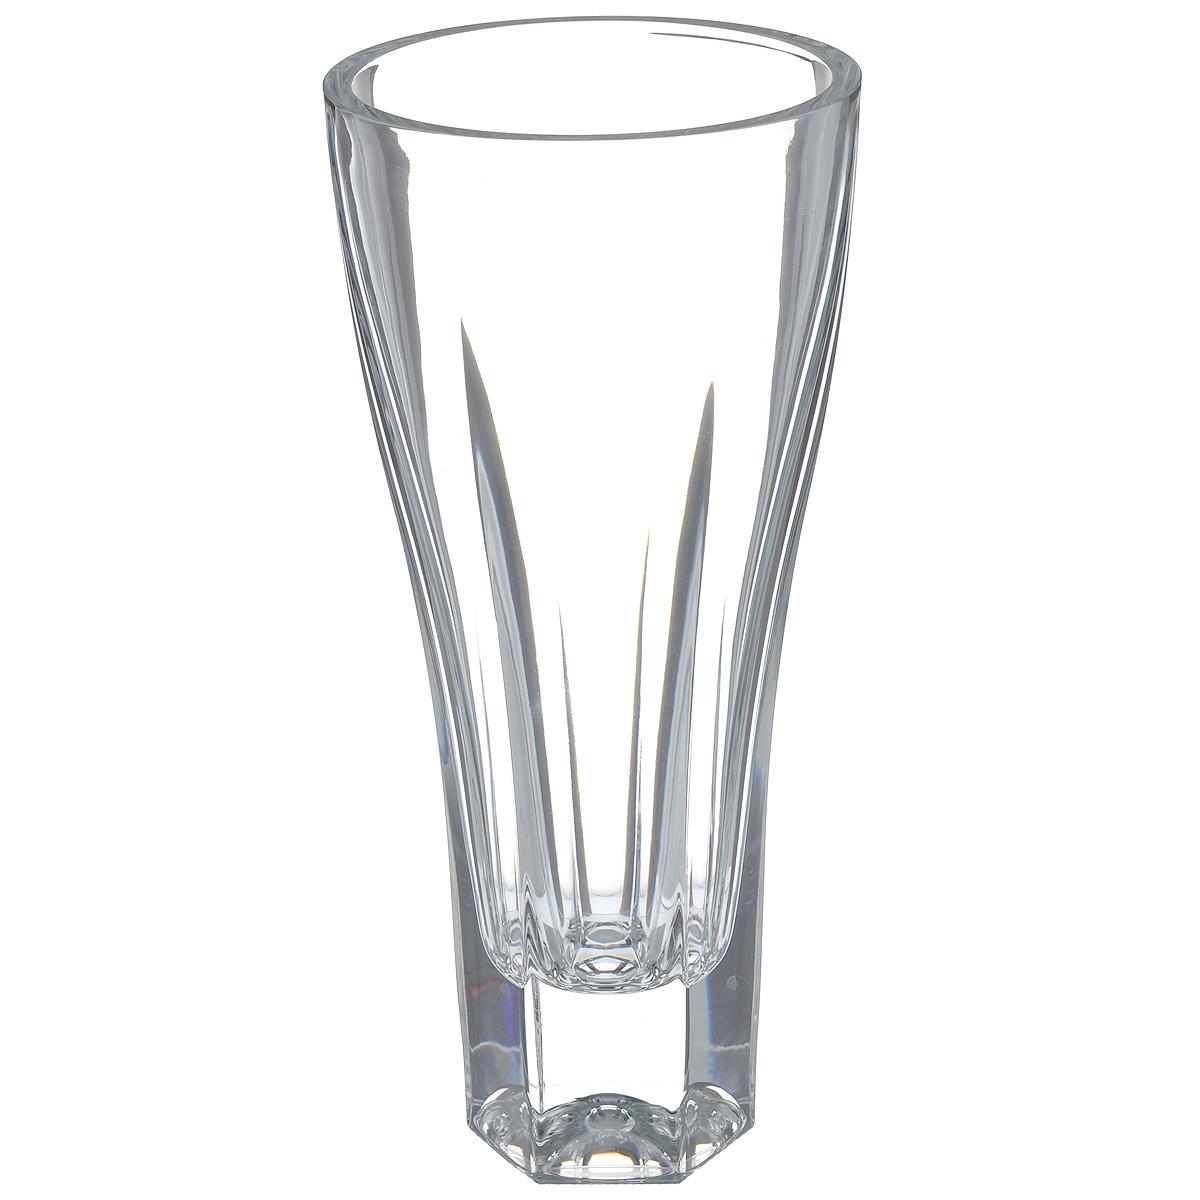 Ваза Crystal Bohemia, высота 30,5 см990/80240/0/44600/305-109Изящная ваза Crystal Bohemia изготовлена из хрусталя. Ваза оформлена рельефным рисунком, что делает ее изящным украшением интерьера. Ваза Crystal Bohemia дополнит интерьер офиса или дома и станет желанным и стильным подарком.